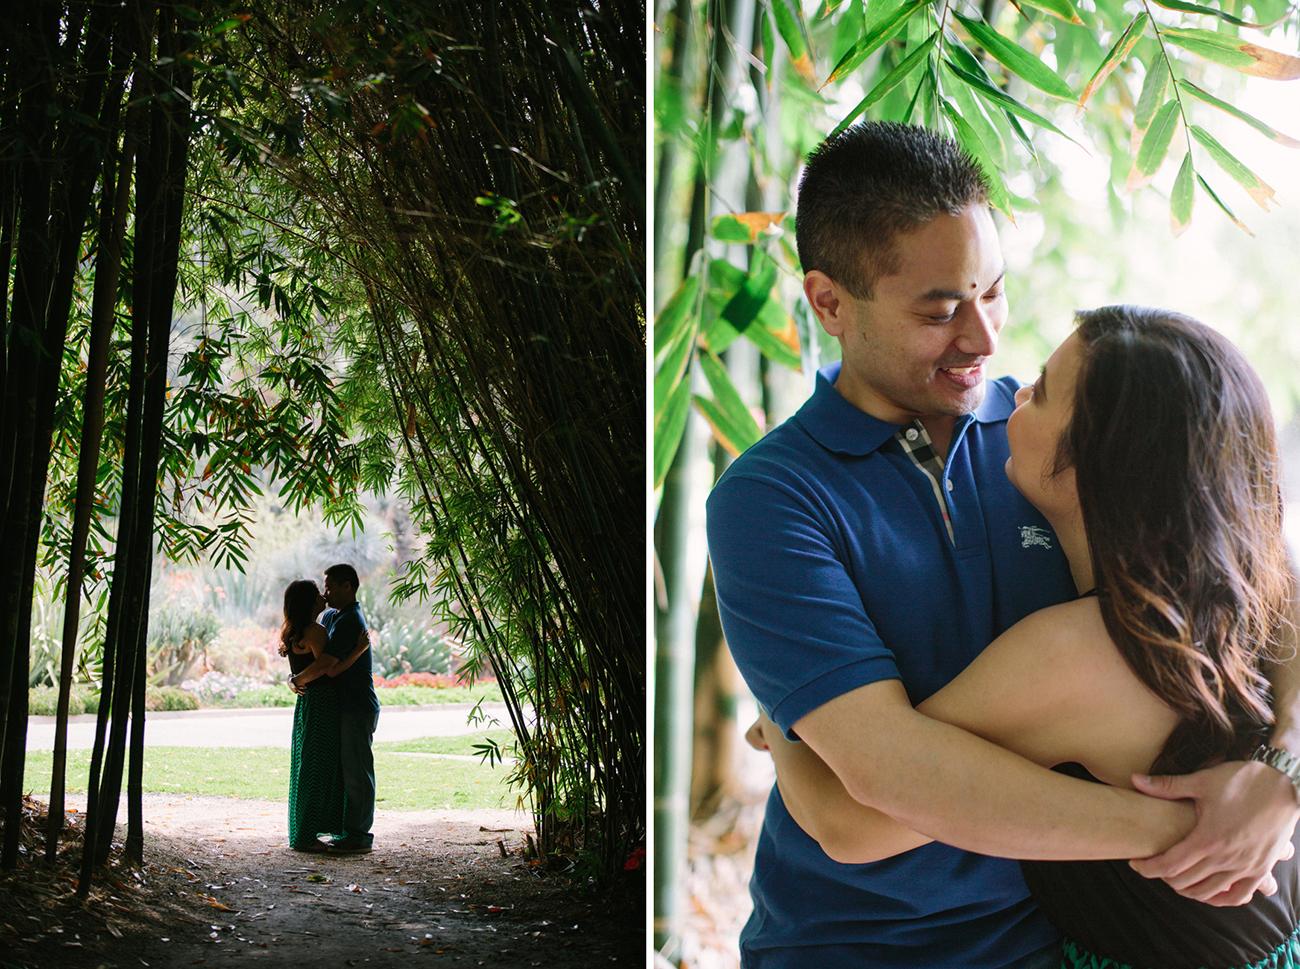 04_LeslieMichael_Pasadena_Engagement_Portrait_Photography.jpg